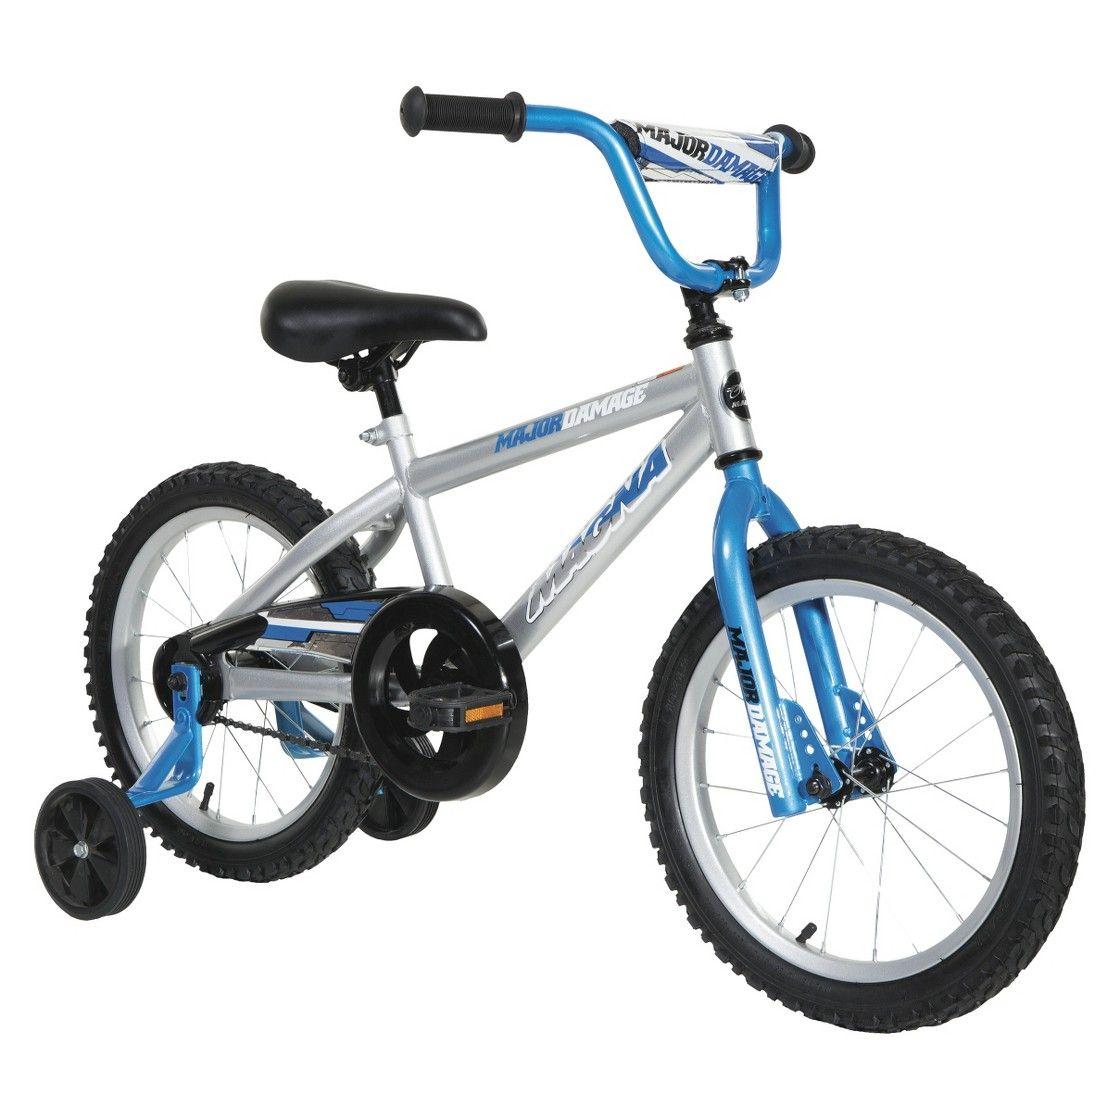 Boy S Major Damage Bike Grey Blue 16 Bike With Training